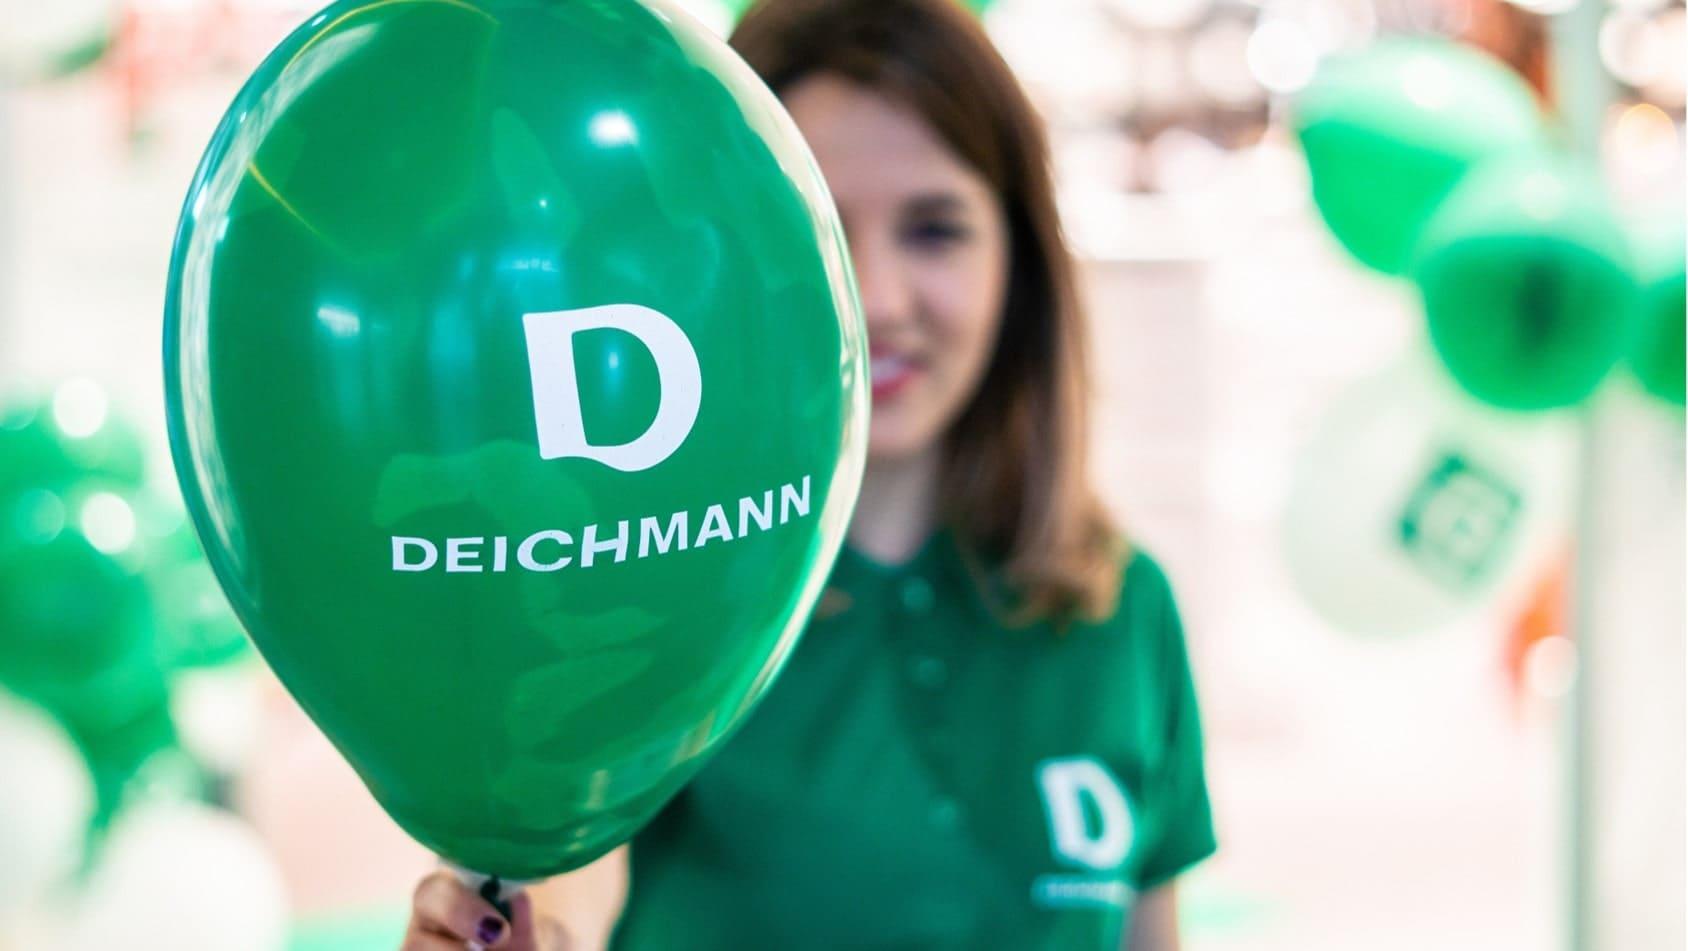 ¡Deichmann vuelve con las pilas cargadas!